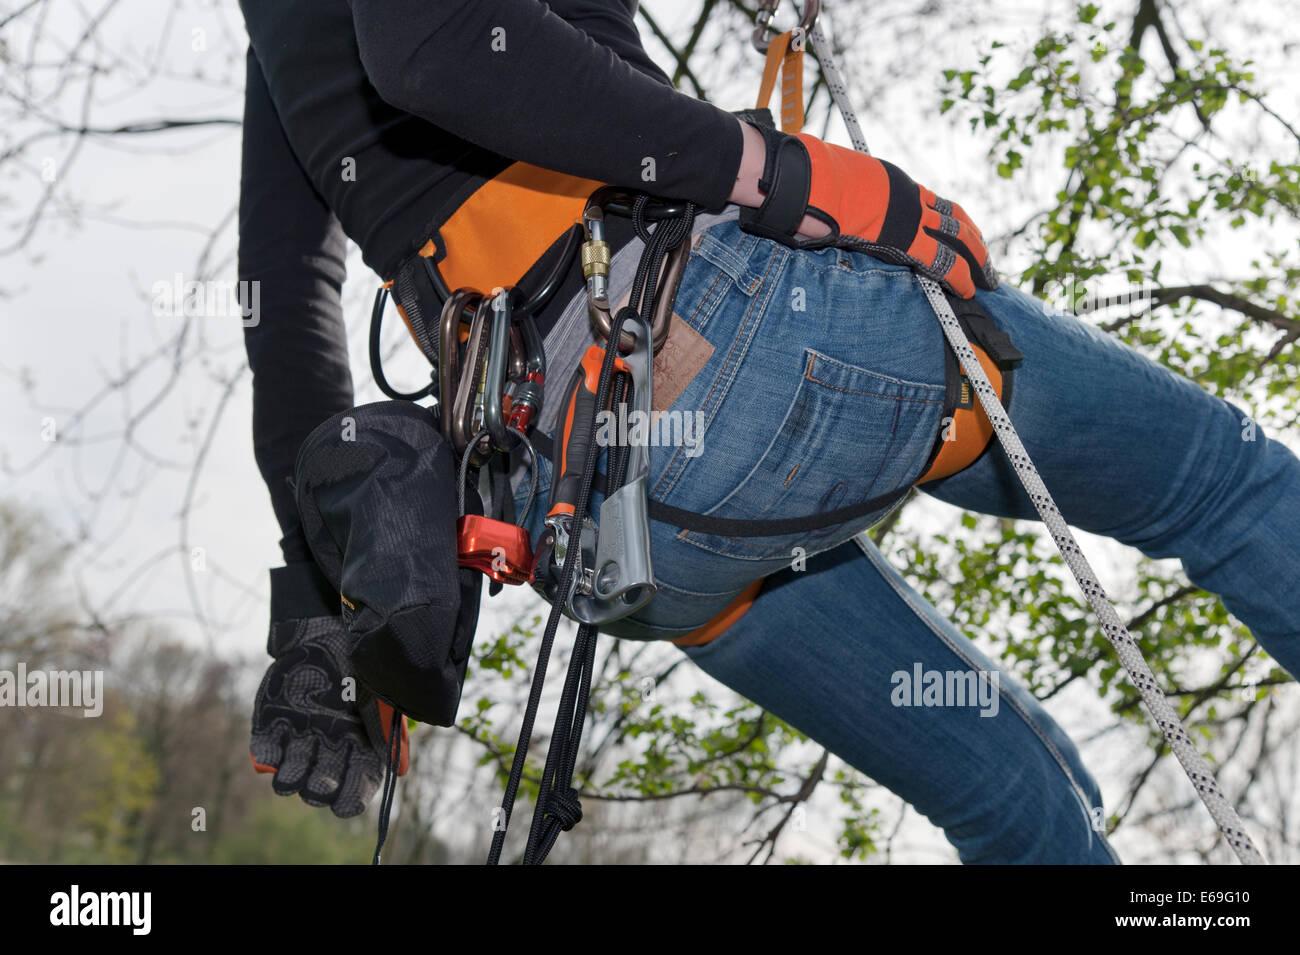 Kletterausrüstung : Kletterausrüstung am wilden kaiser